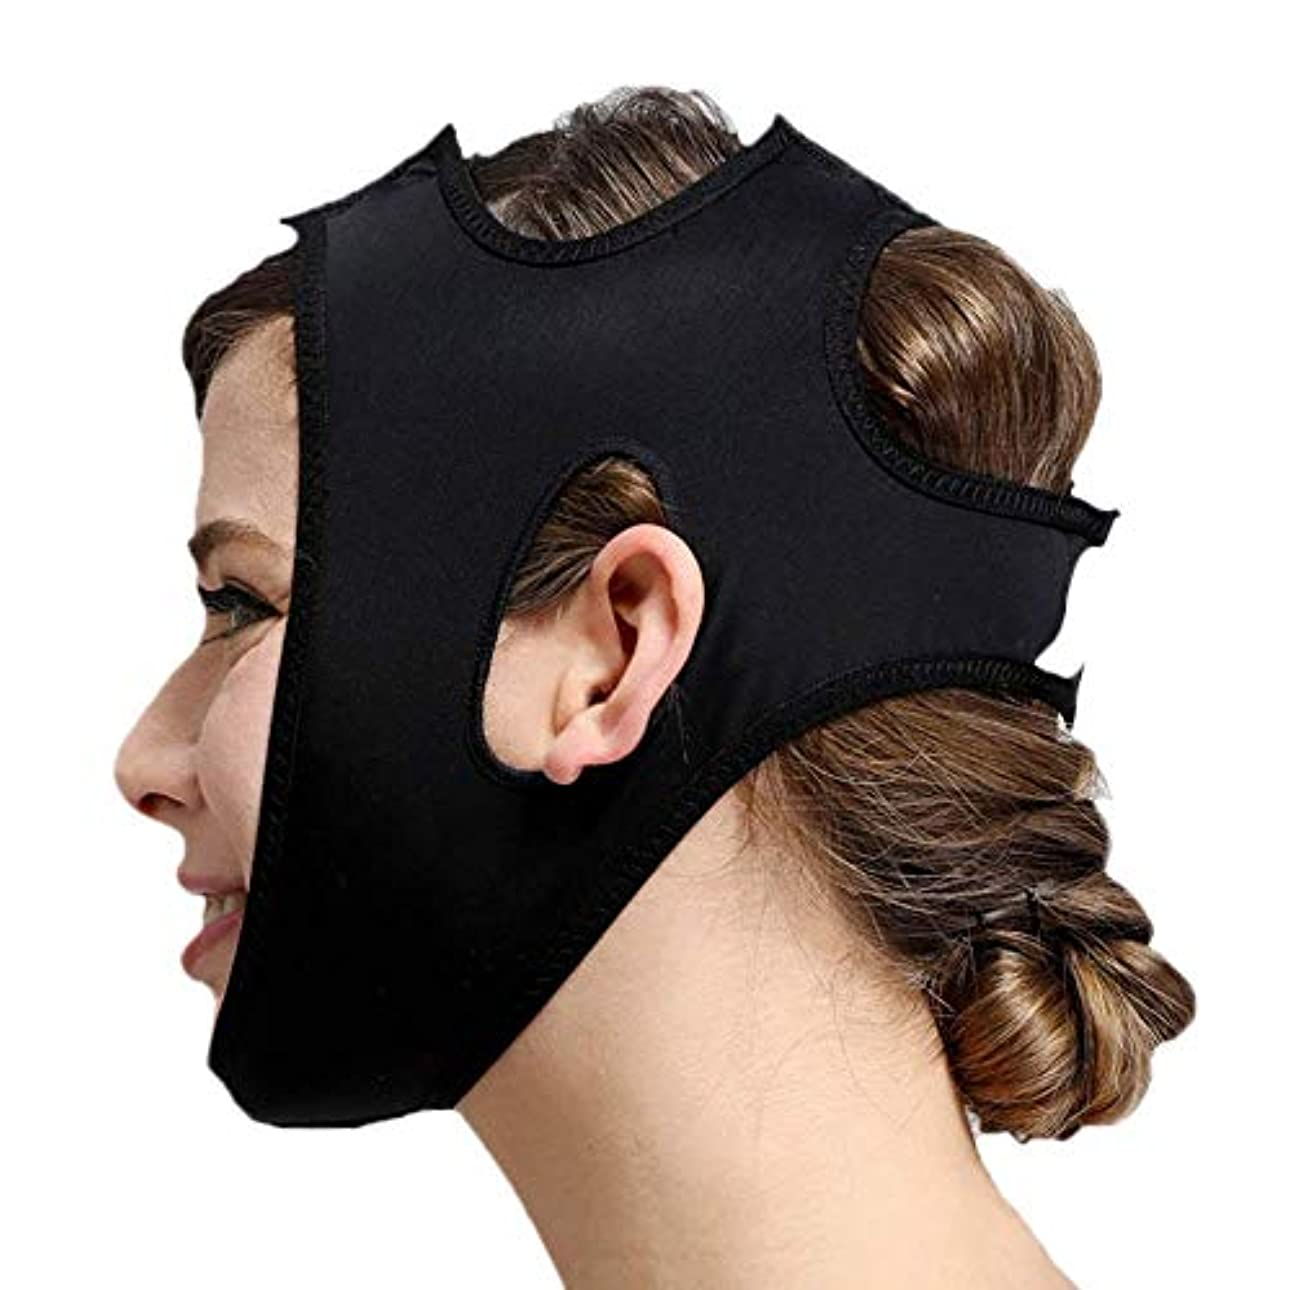 モス資格情報家禽フェイススリミングマスク、快適さと通気性、フェイシャルリフティング、輪郭の改善された硬さ、ファーミングとリフティングフェイス(カラー:ブラック、サイズ:XL),黒、L